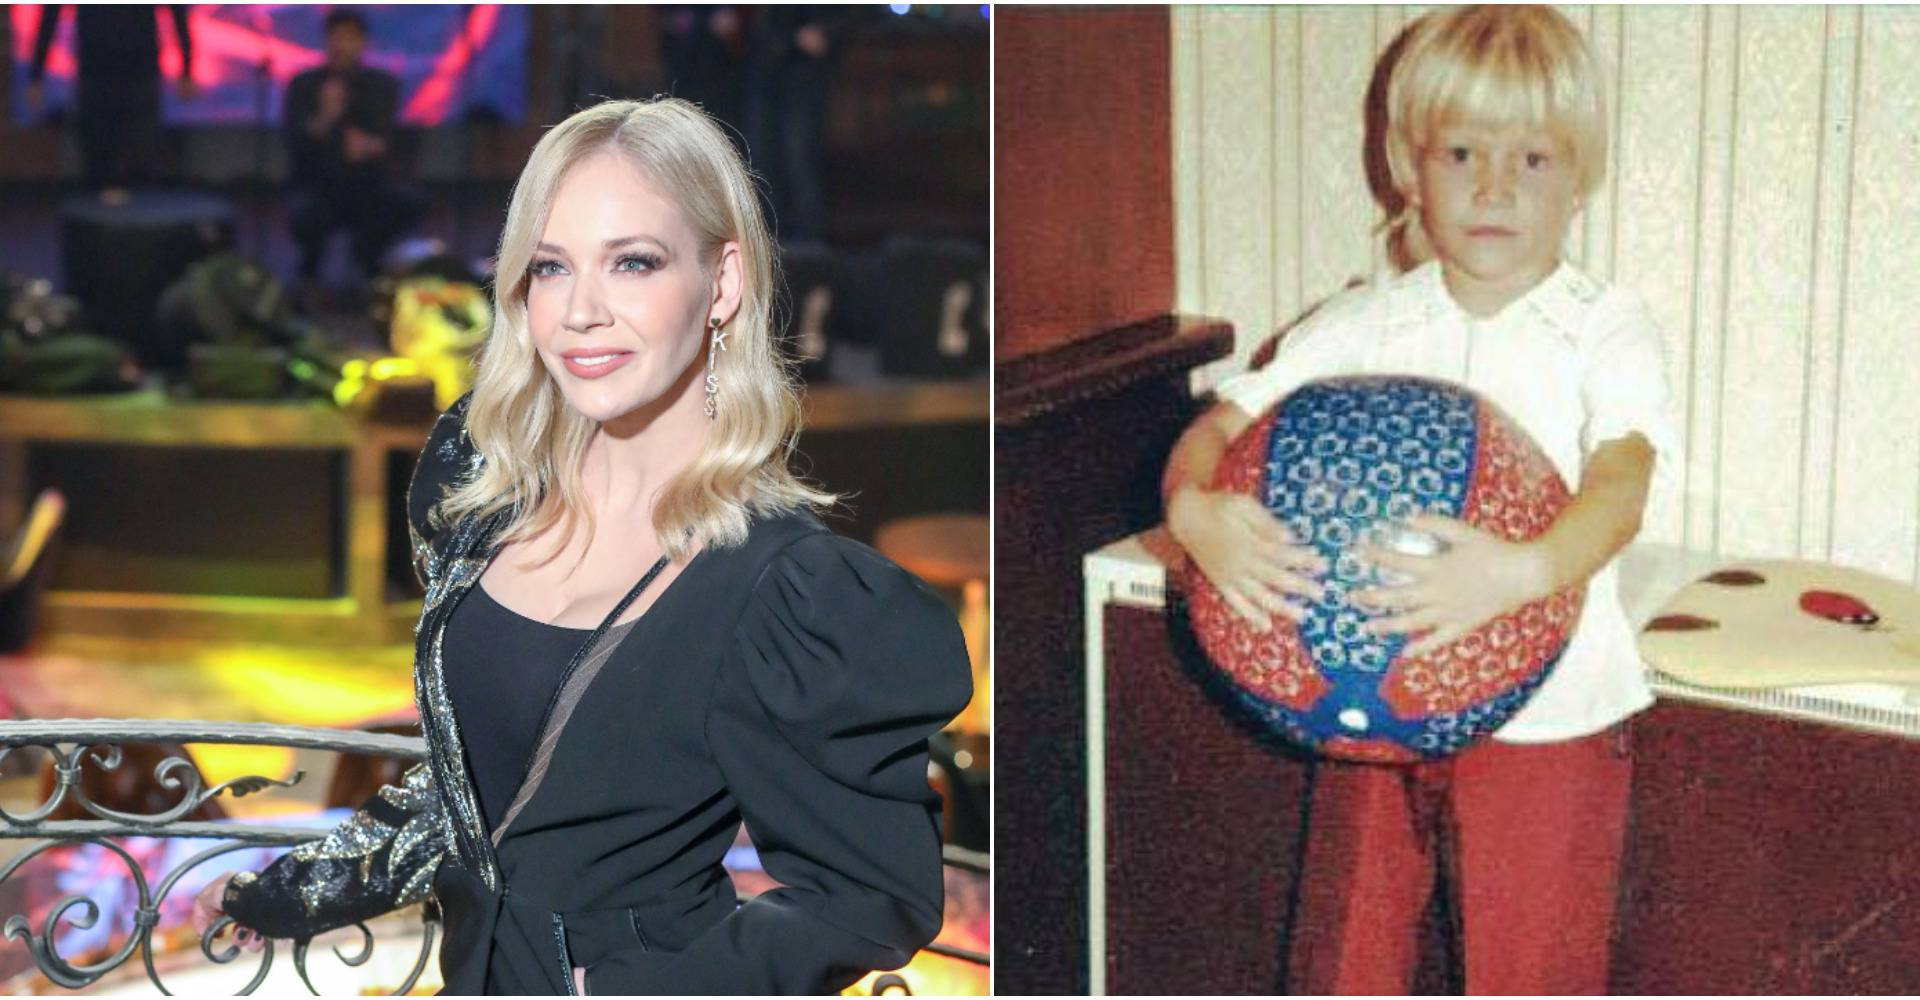 'Još čuvam baletne papučice iz mladosti. Želim biti i majka..'